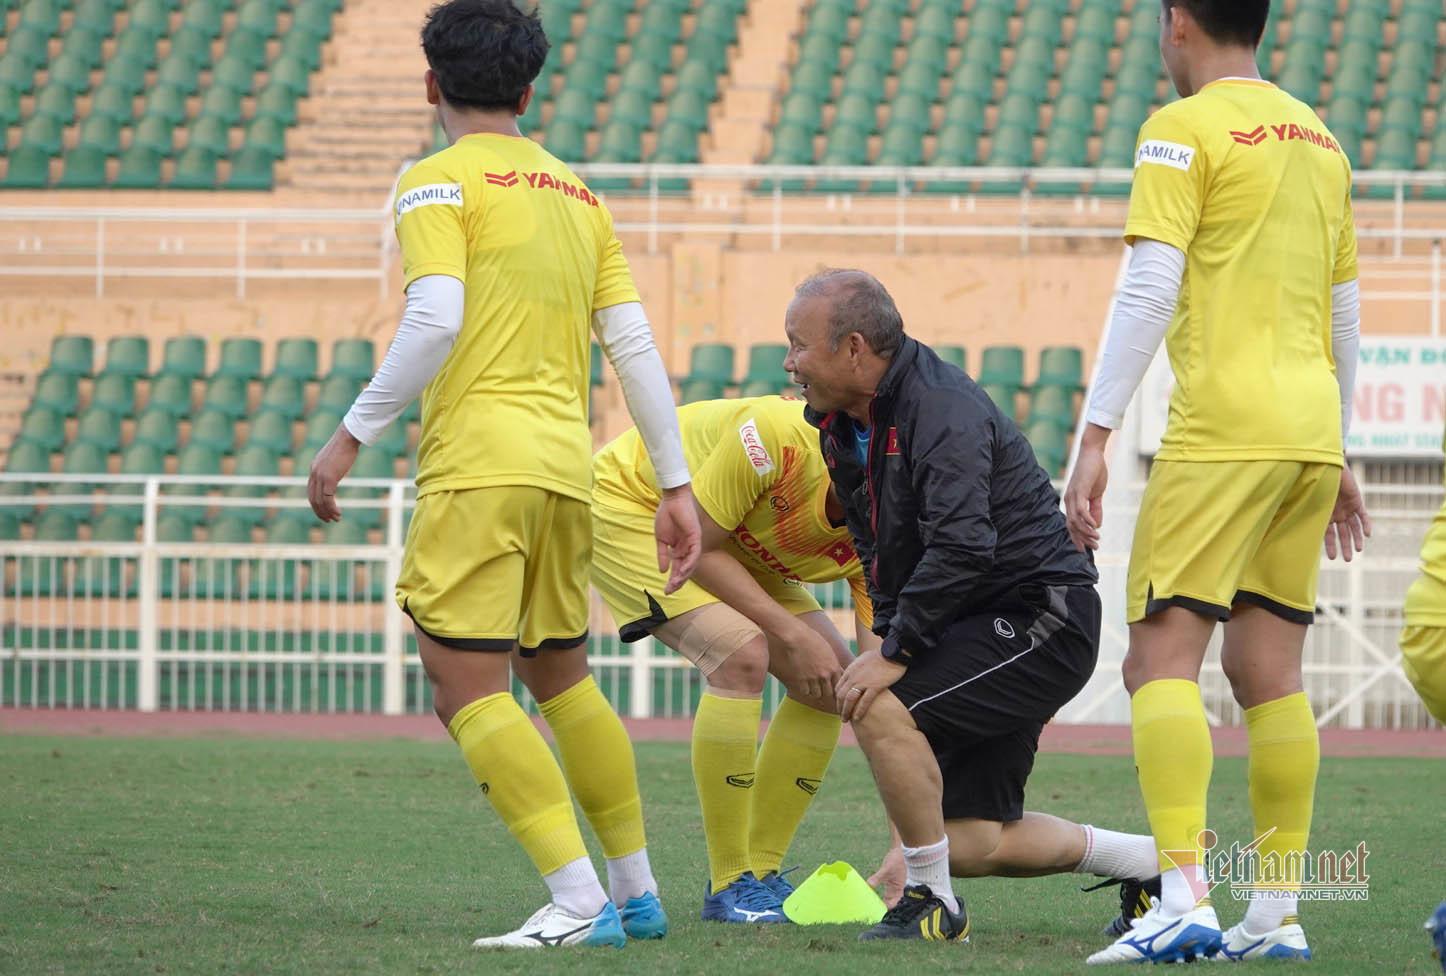 Thầy Park 'cà khịa' học trò và cái kết không nhịn được cười